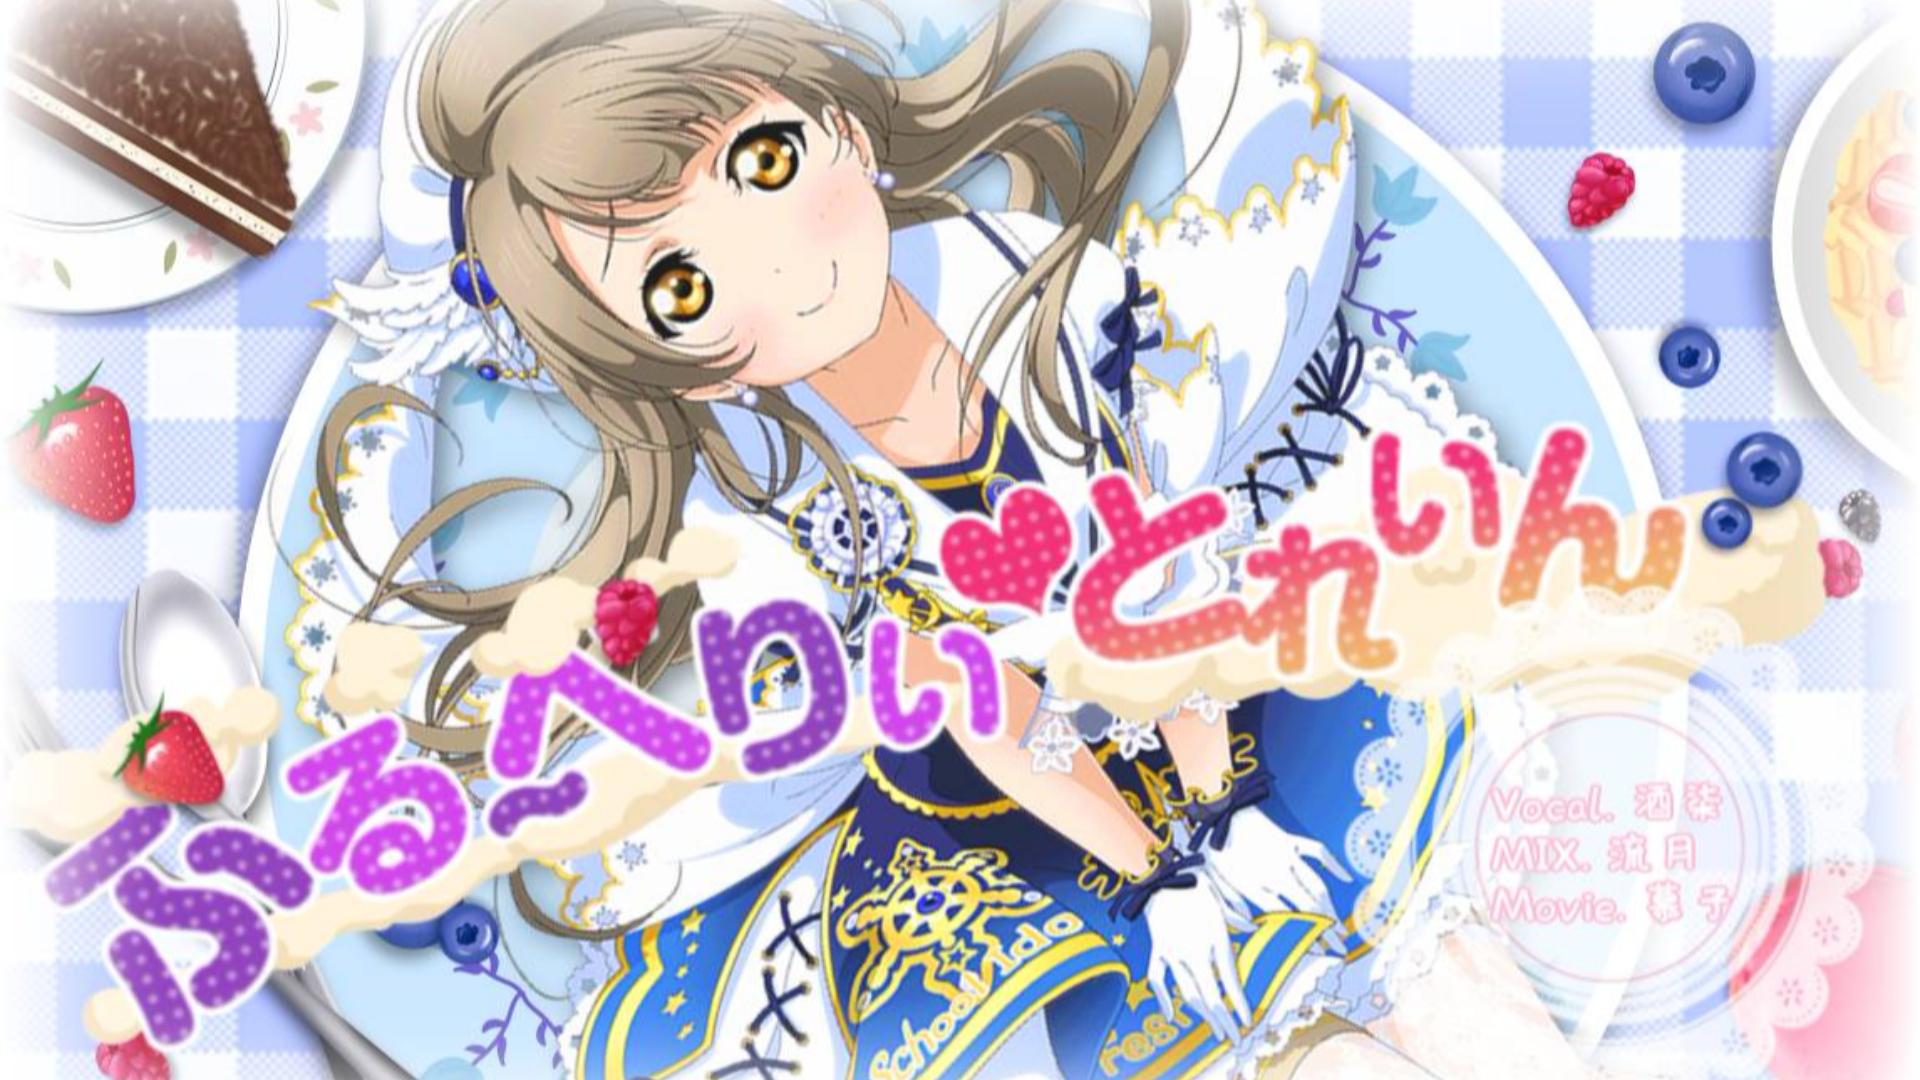 【酒柒】蓝莓♡小火车 翻唱(原创PV付)